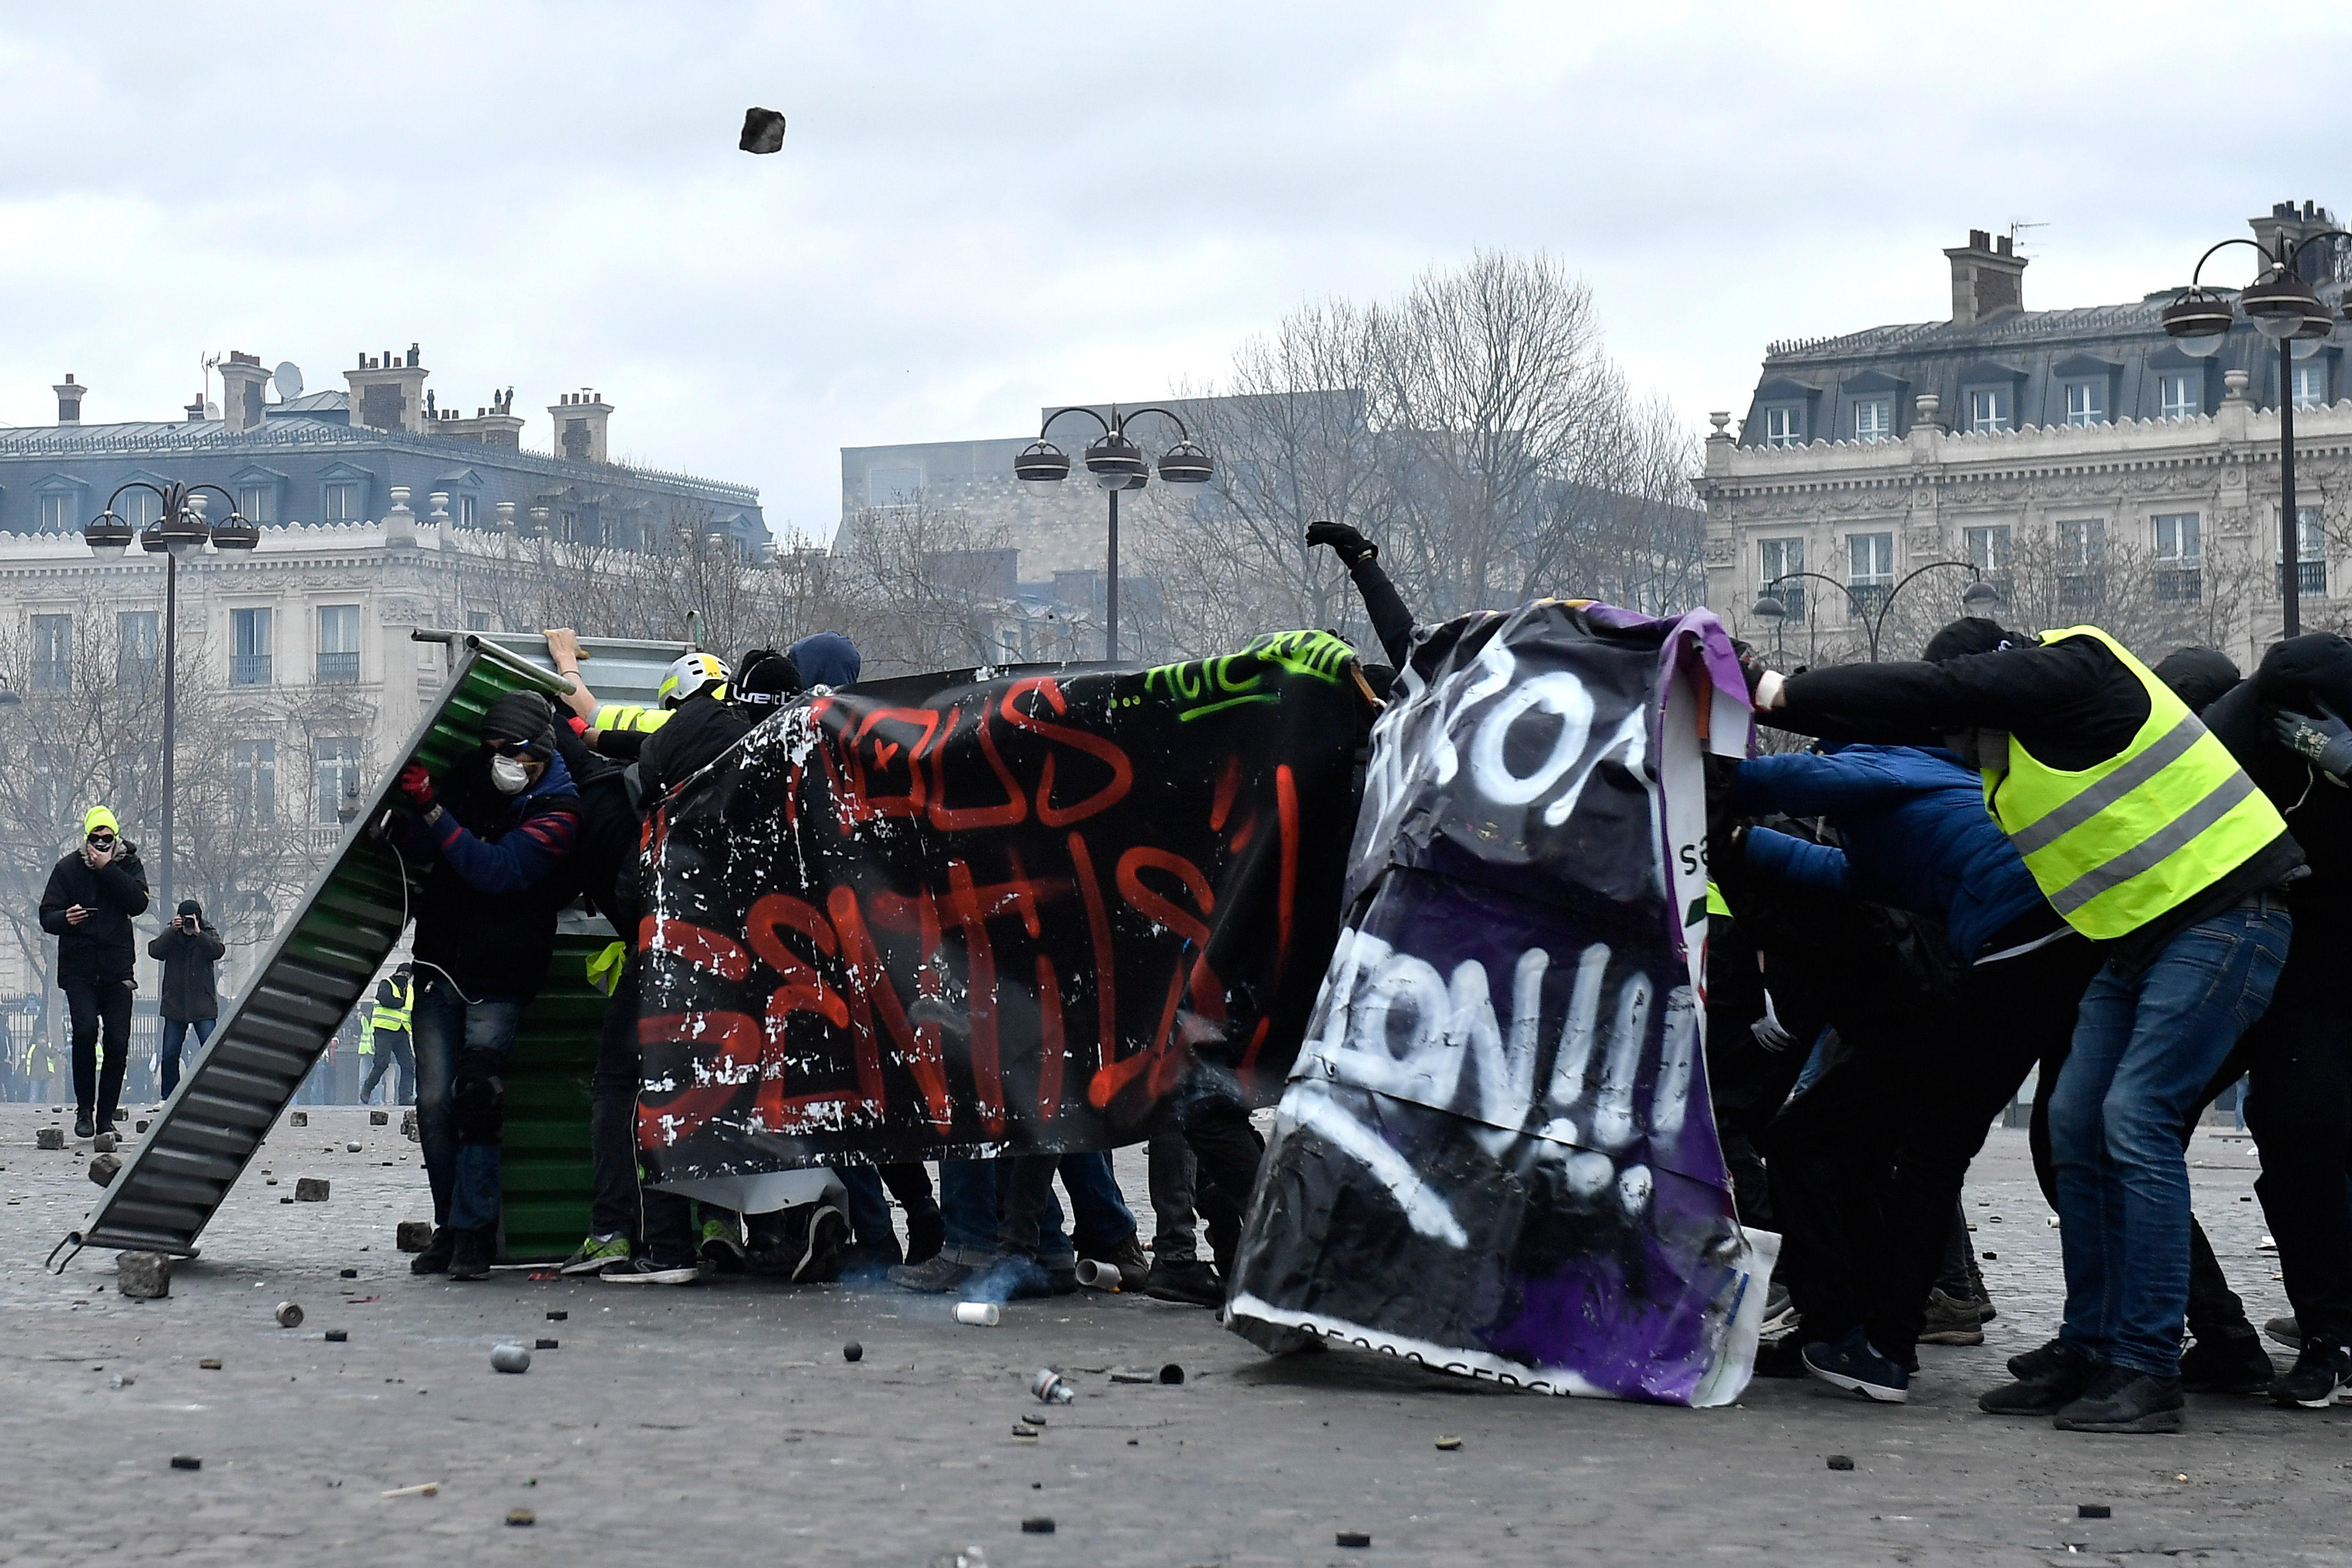 La protesta ha recibido el nombre Acto XVIII porque es el sábado número 18 en que se han reunido en Francia. Foto Prensa Libre: EFE